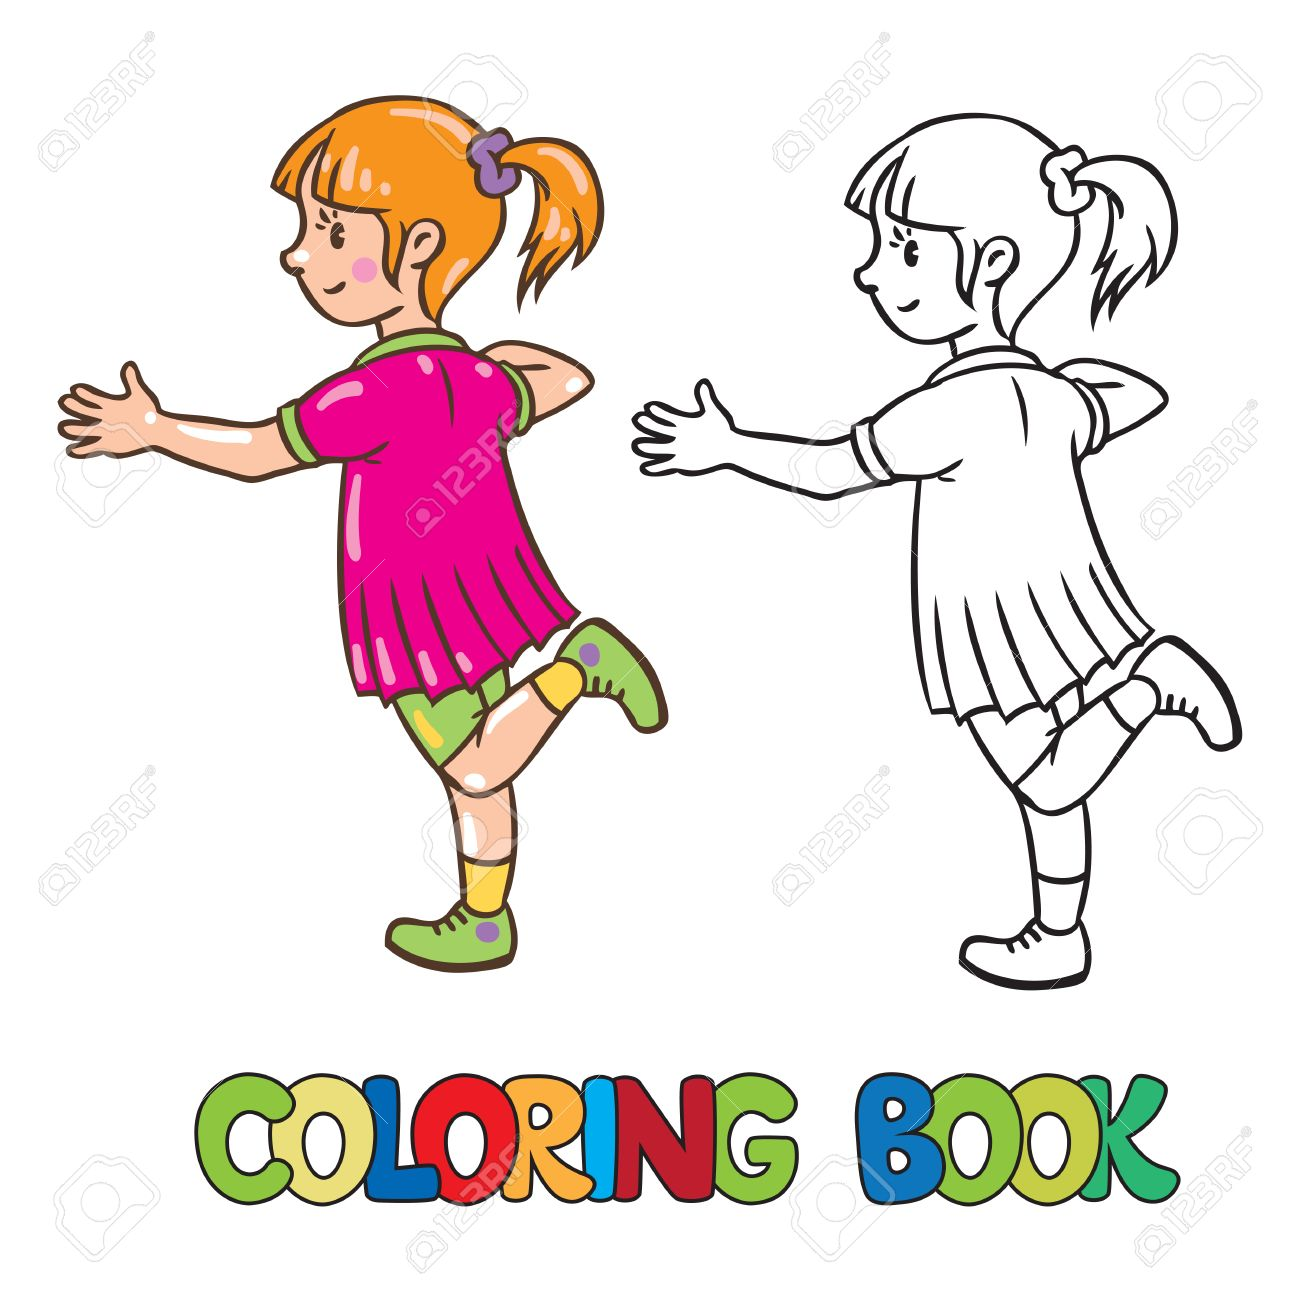 Malbuch Oder Ausmalbild Kleine Mädchen Springen Auf Einem Bein ...